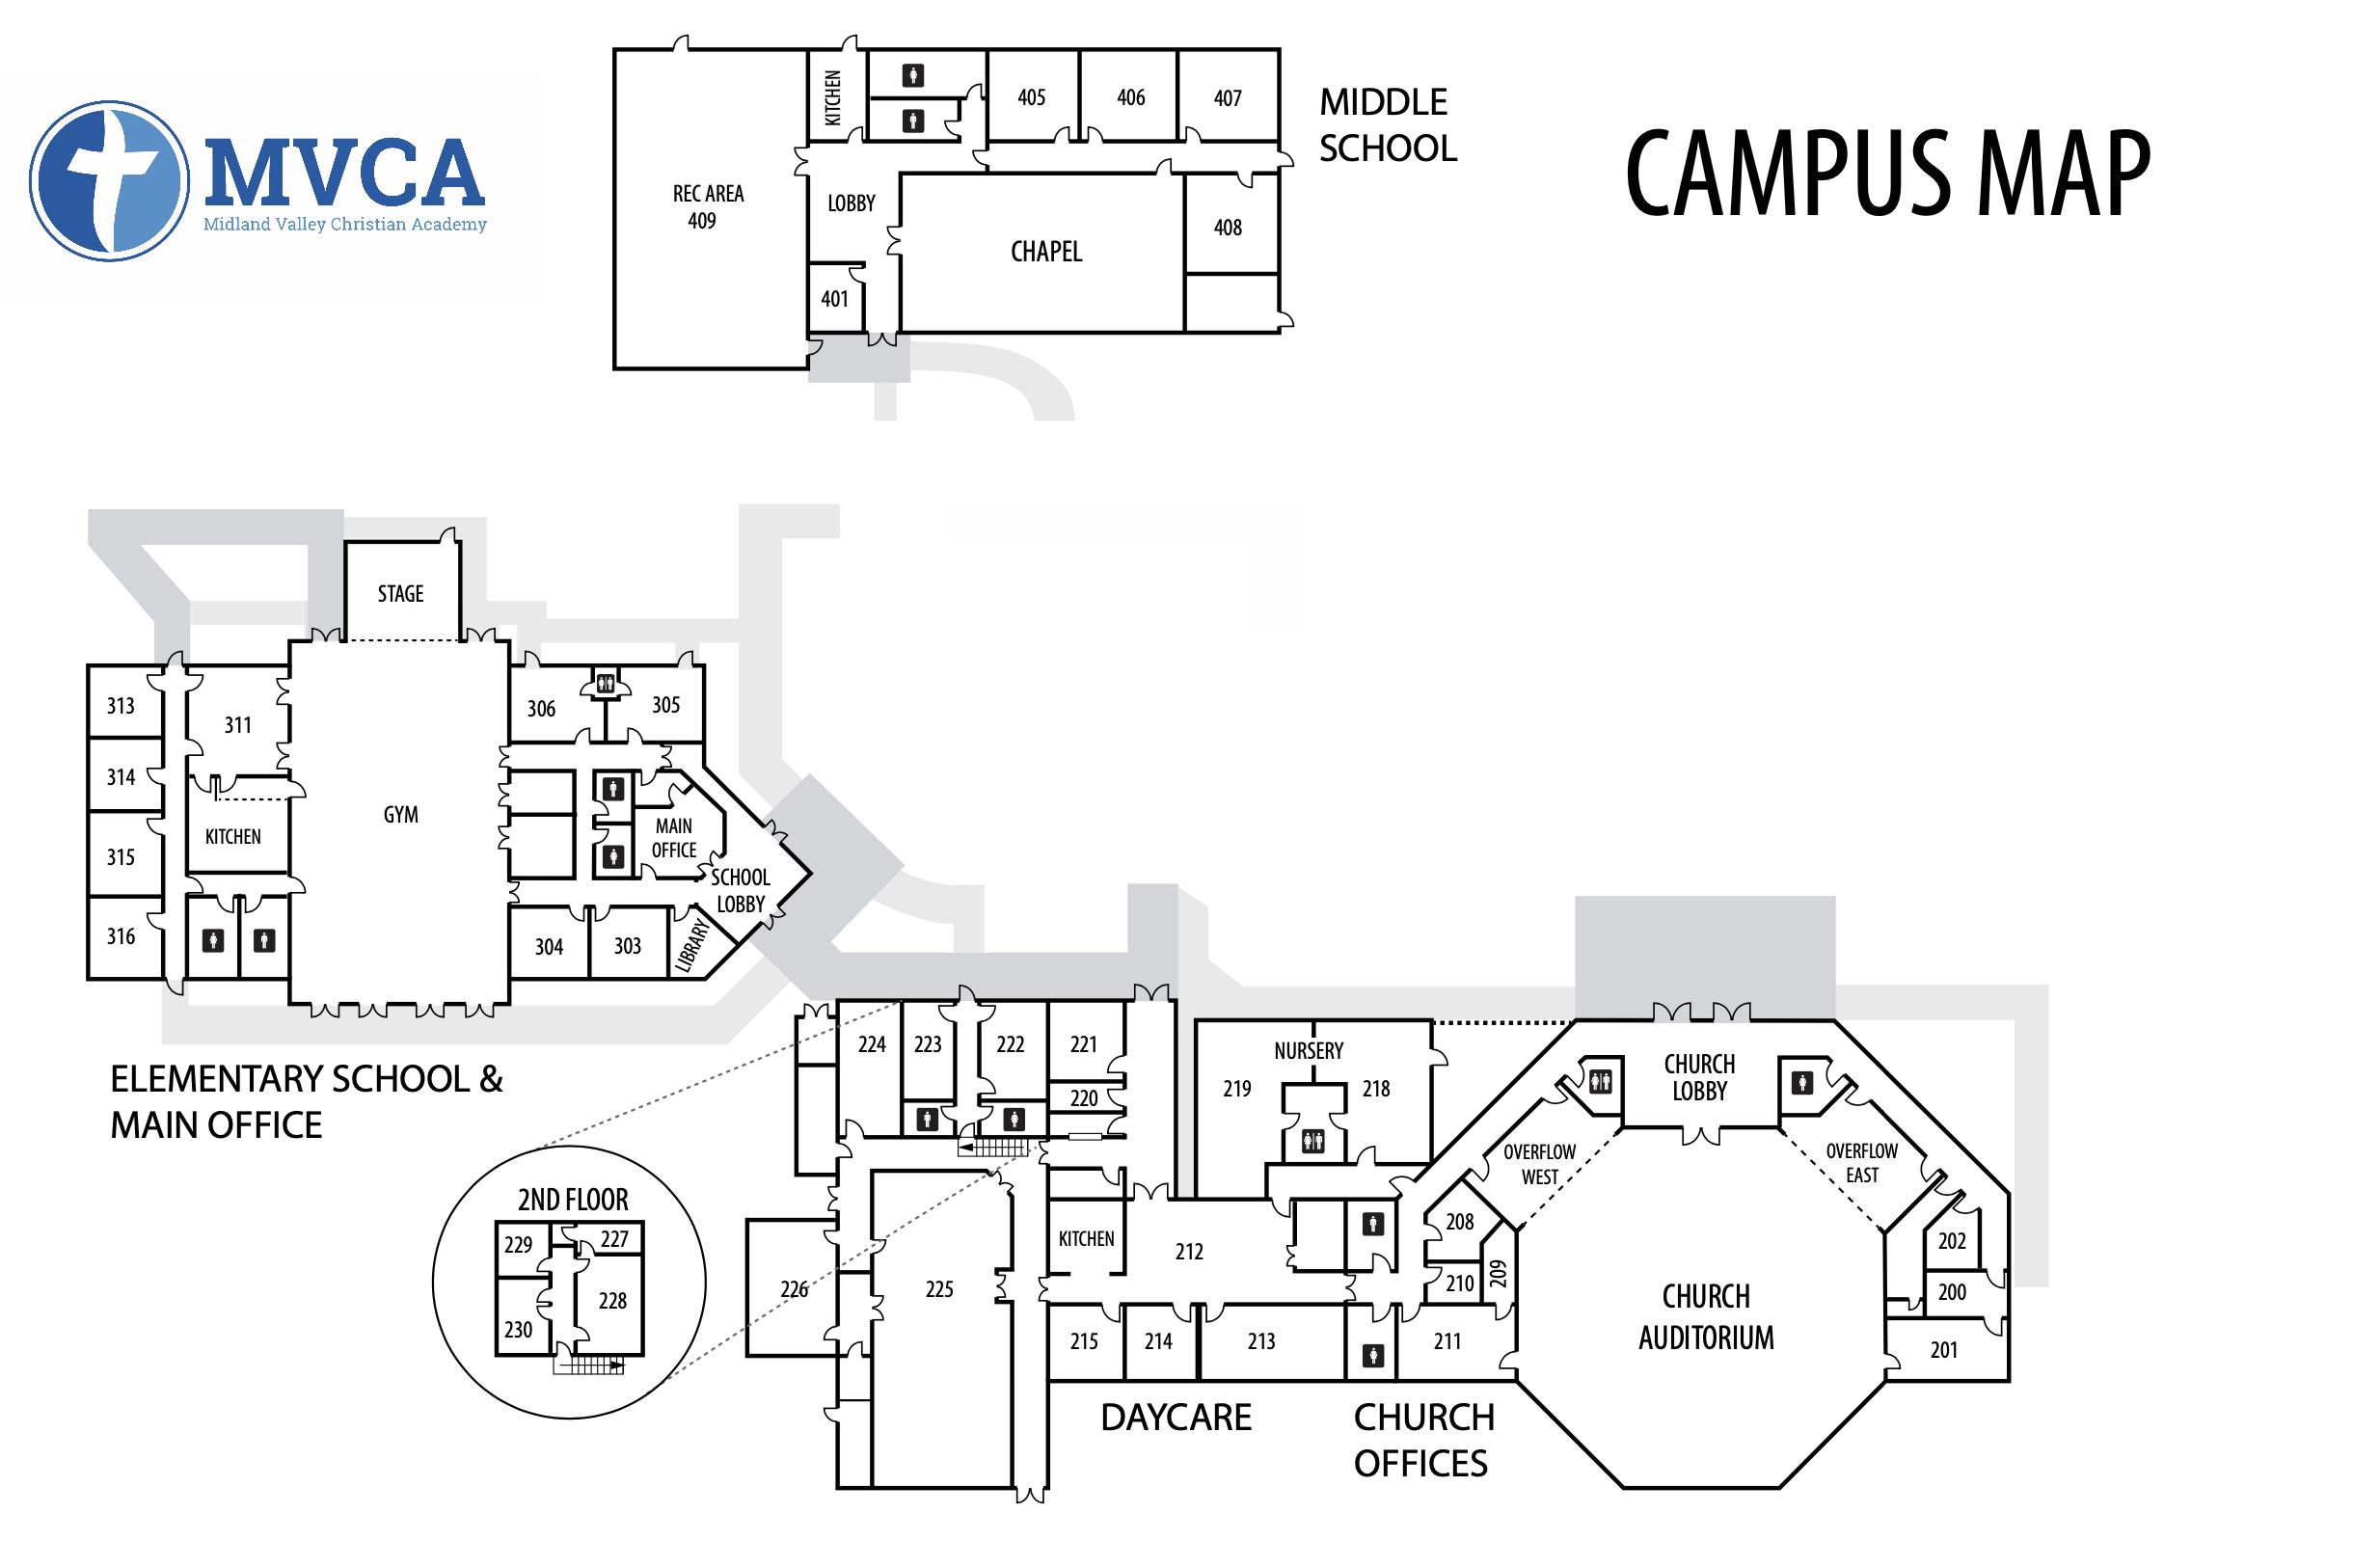 MVCA campus map